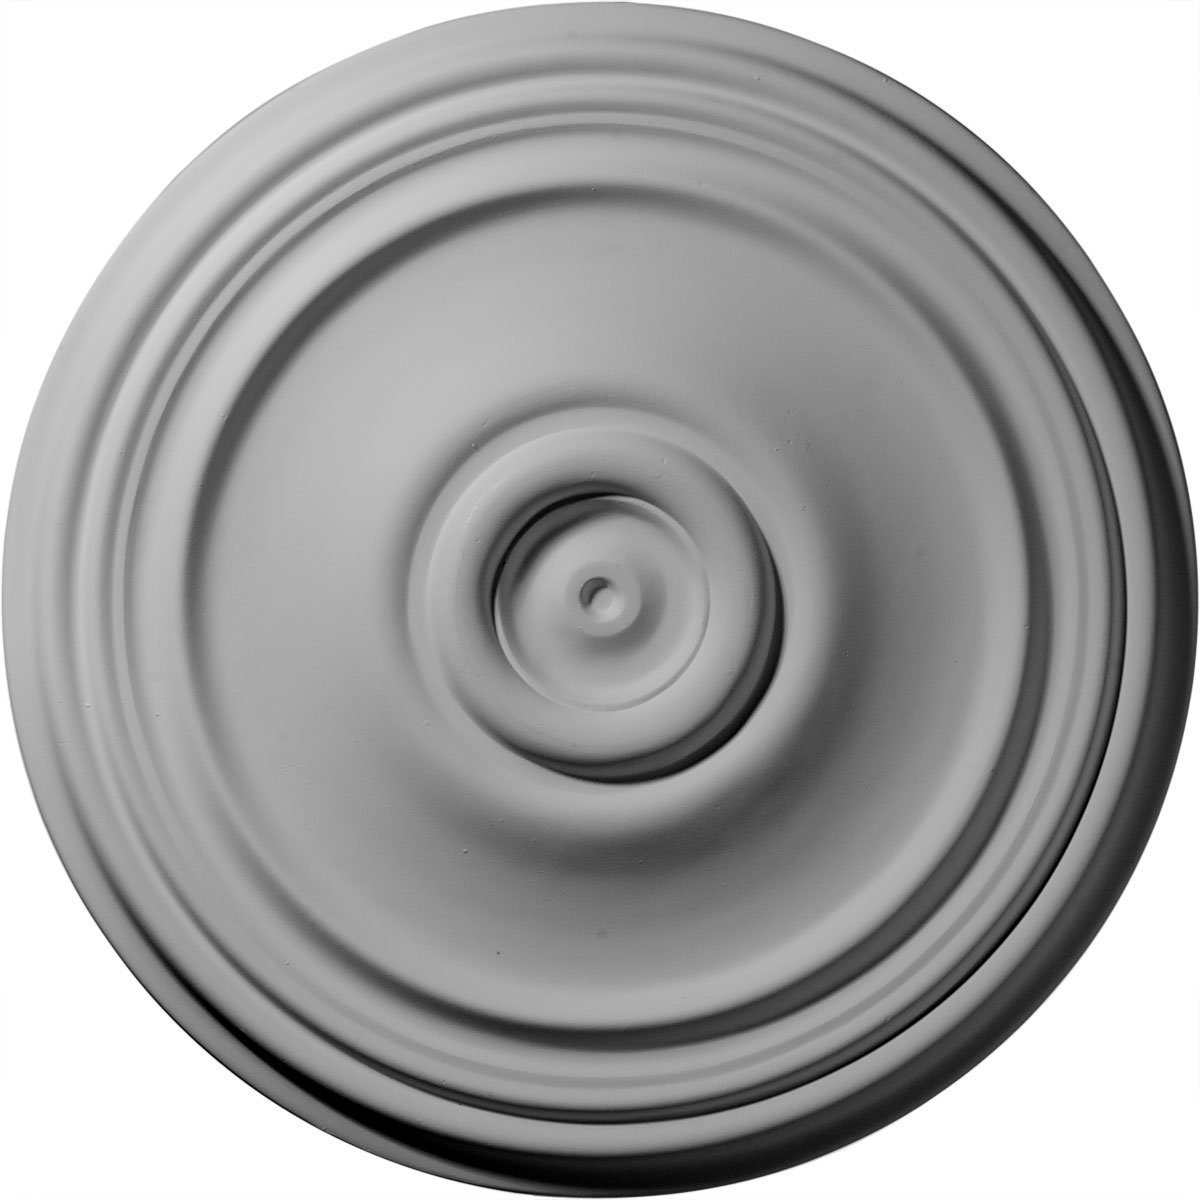 Ekena Millwork CM21RE 21-Inch OD x 3 3/4-Inch ID x 1 1/4-Inch P Reece Ceiling Medallion